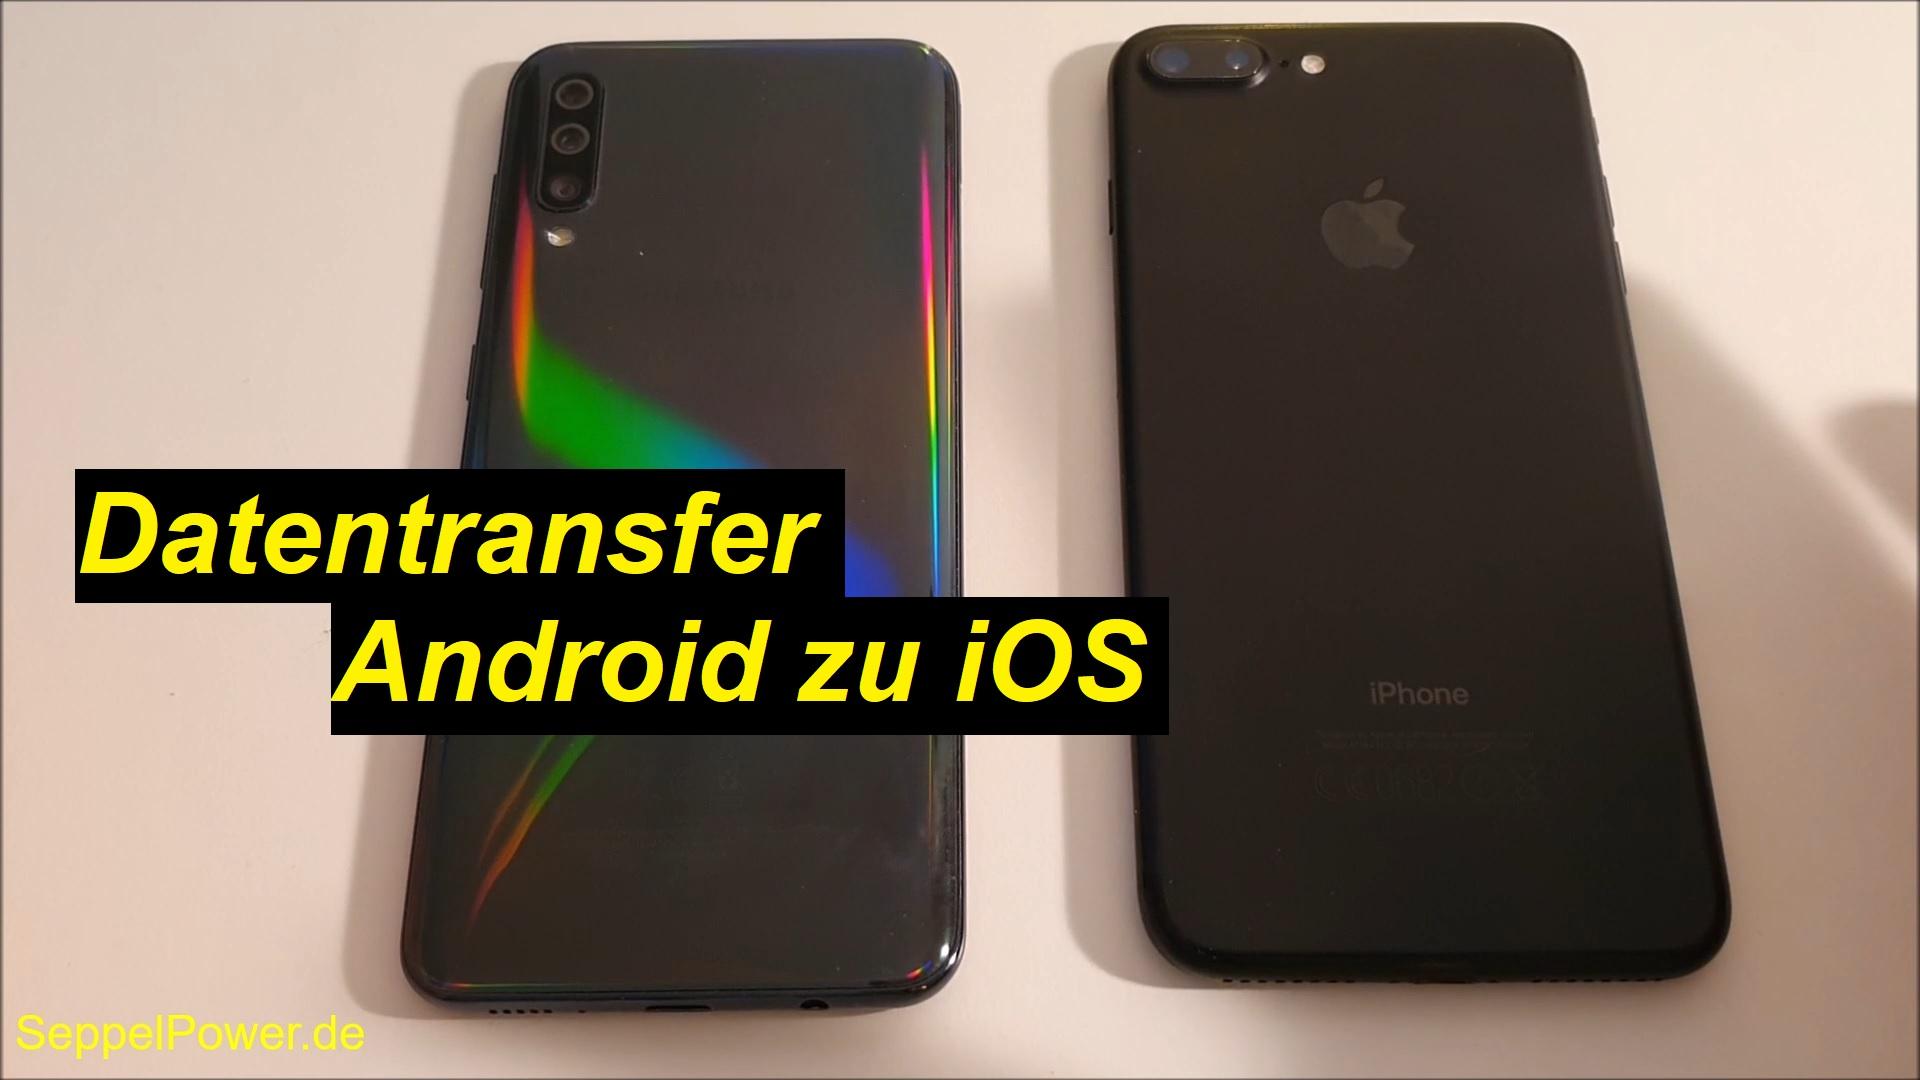 Tutorial: Daten zwischen Android und iOS transferieren (MobileTrans)   SeppelPower.de